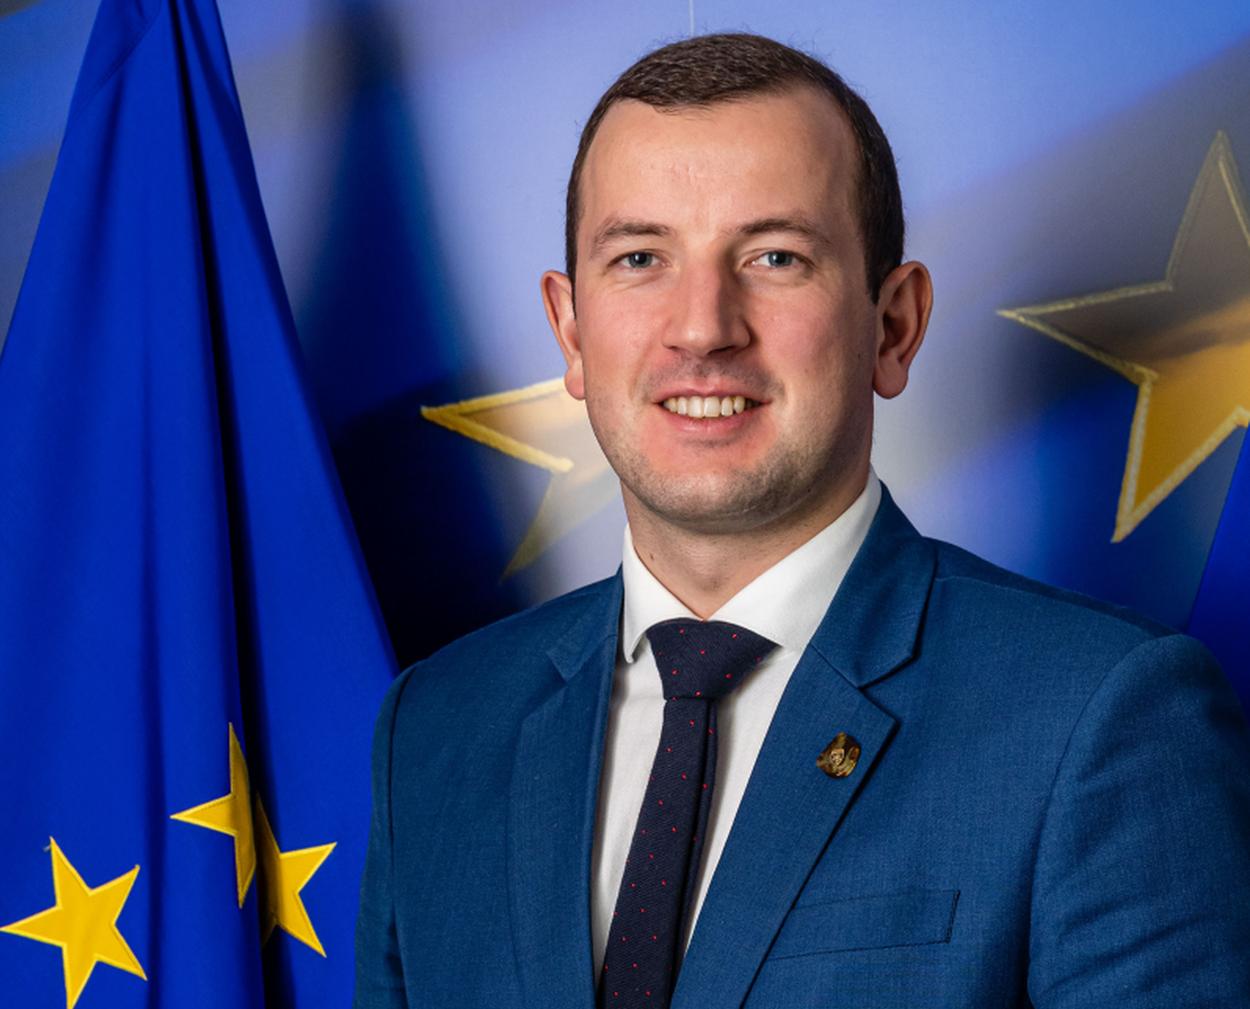 Europos Komisijos narys V. Sinkevičius: gyventojai naudojasi taršiu transportu, nes neranda tinkamų ir prieinamų alternatyvų